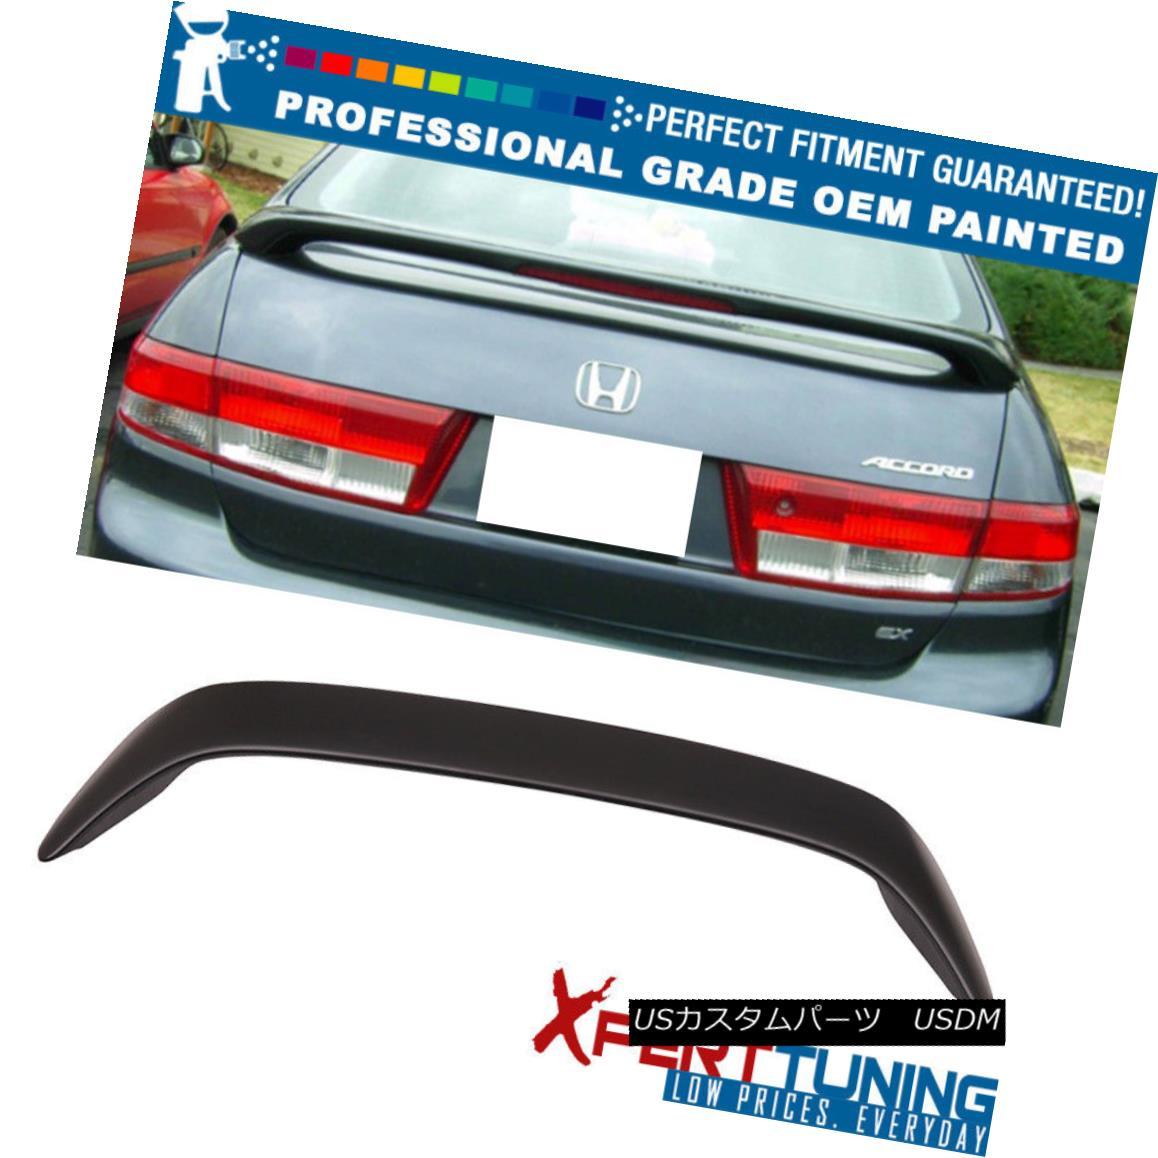 エアロパーツ Fit For 03-05 Honda Accord 4Dr 3rd Brake LED Brake OE ABS Trunk Spoiler フィット03-05ホンダアコード4Dr第3ブレーキLEDブレーキOE ABSトランク・スポイラー